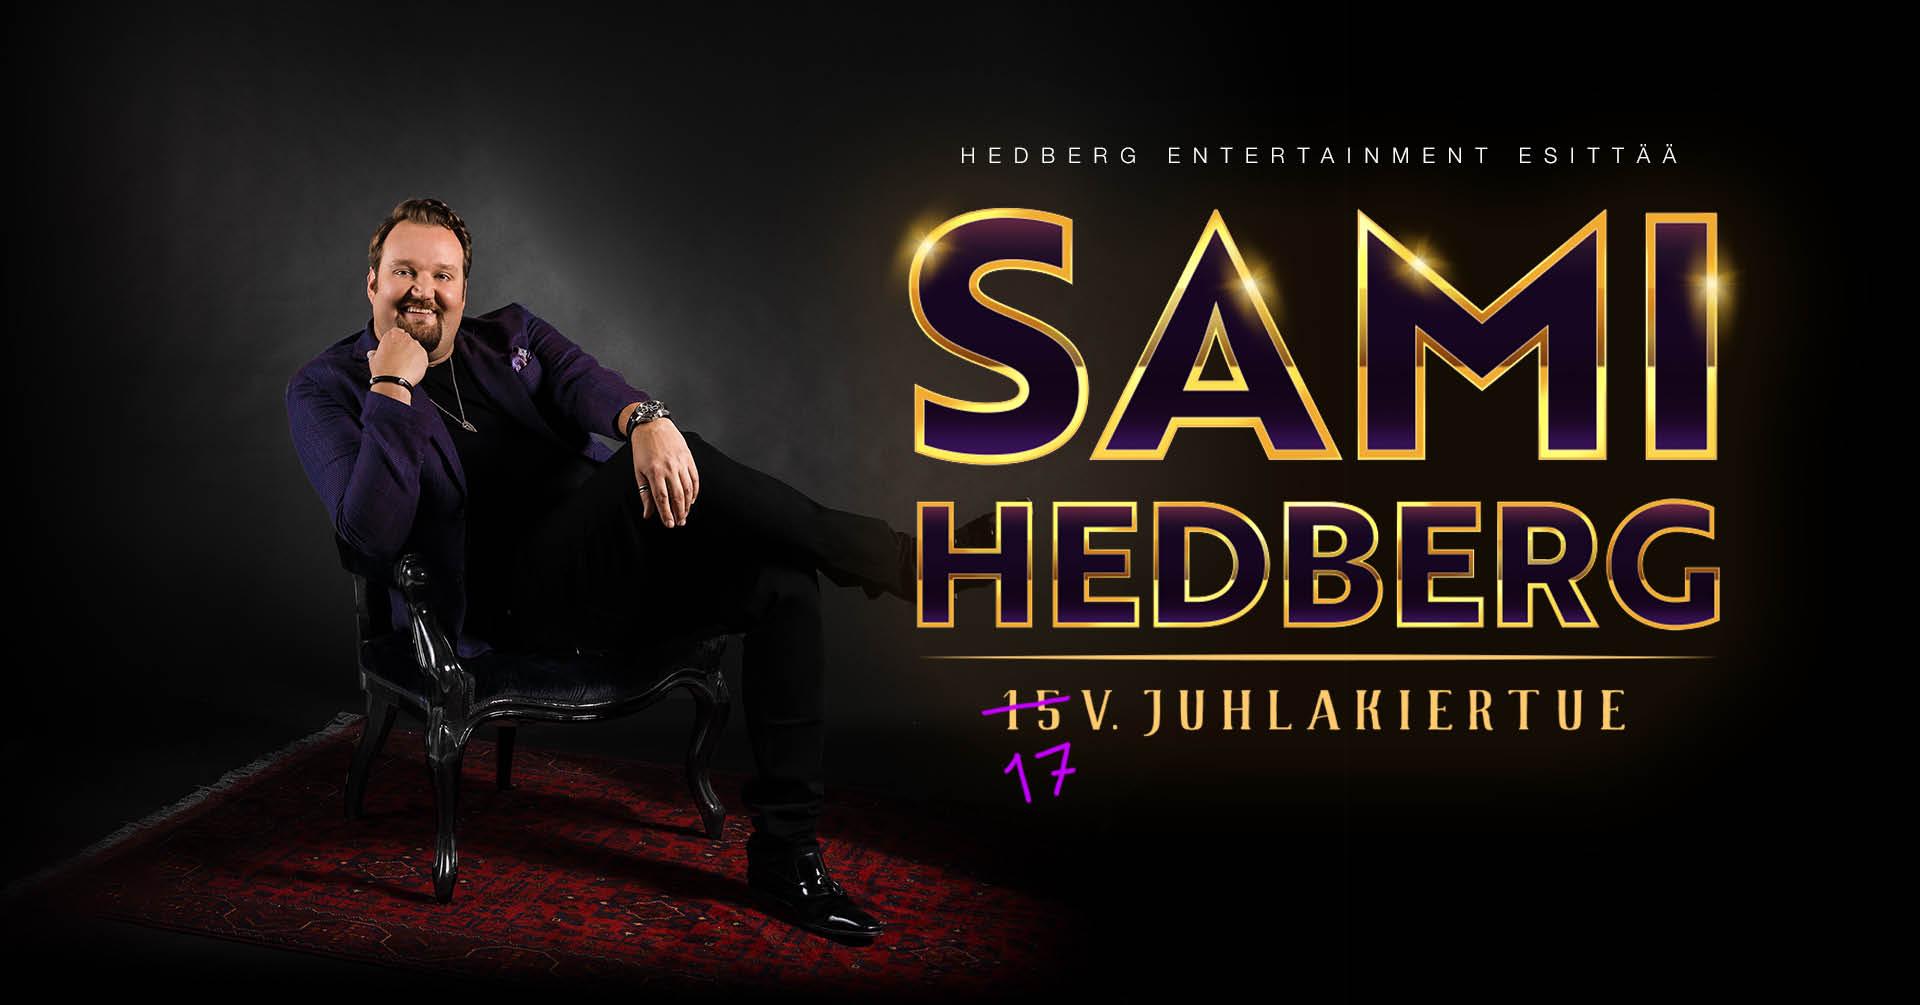 Sami Hedberg 15V, eiku 17V juhlakiertue! 1. esitys